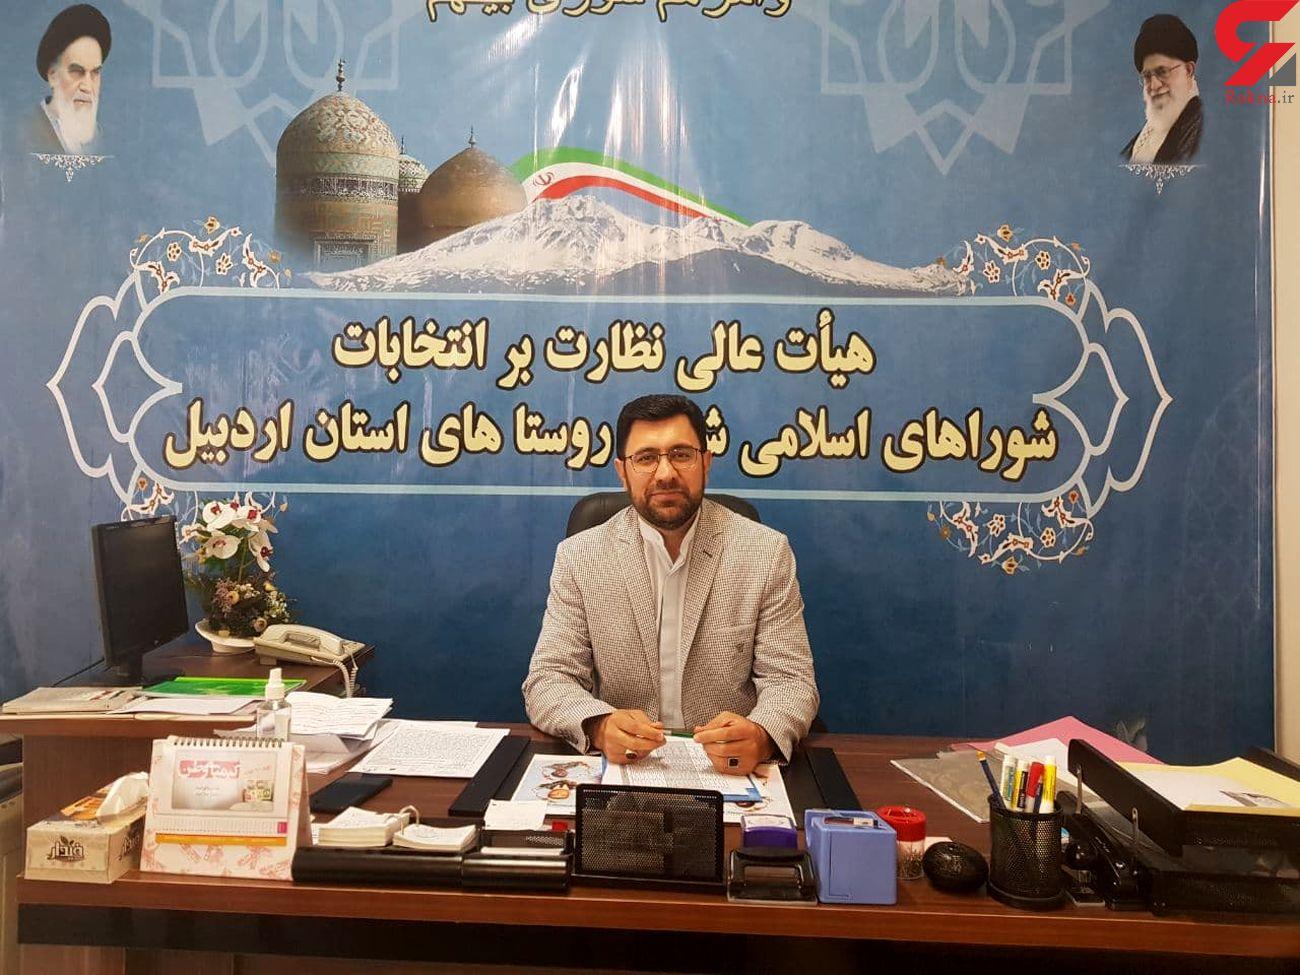 تایید صلاحیت 88 درصد داوطلبان شورای شهر استان اردبیل